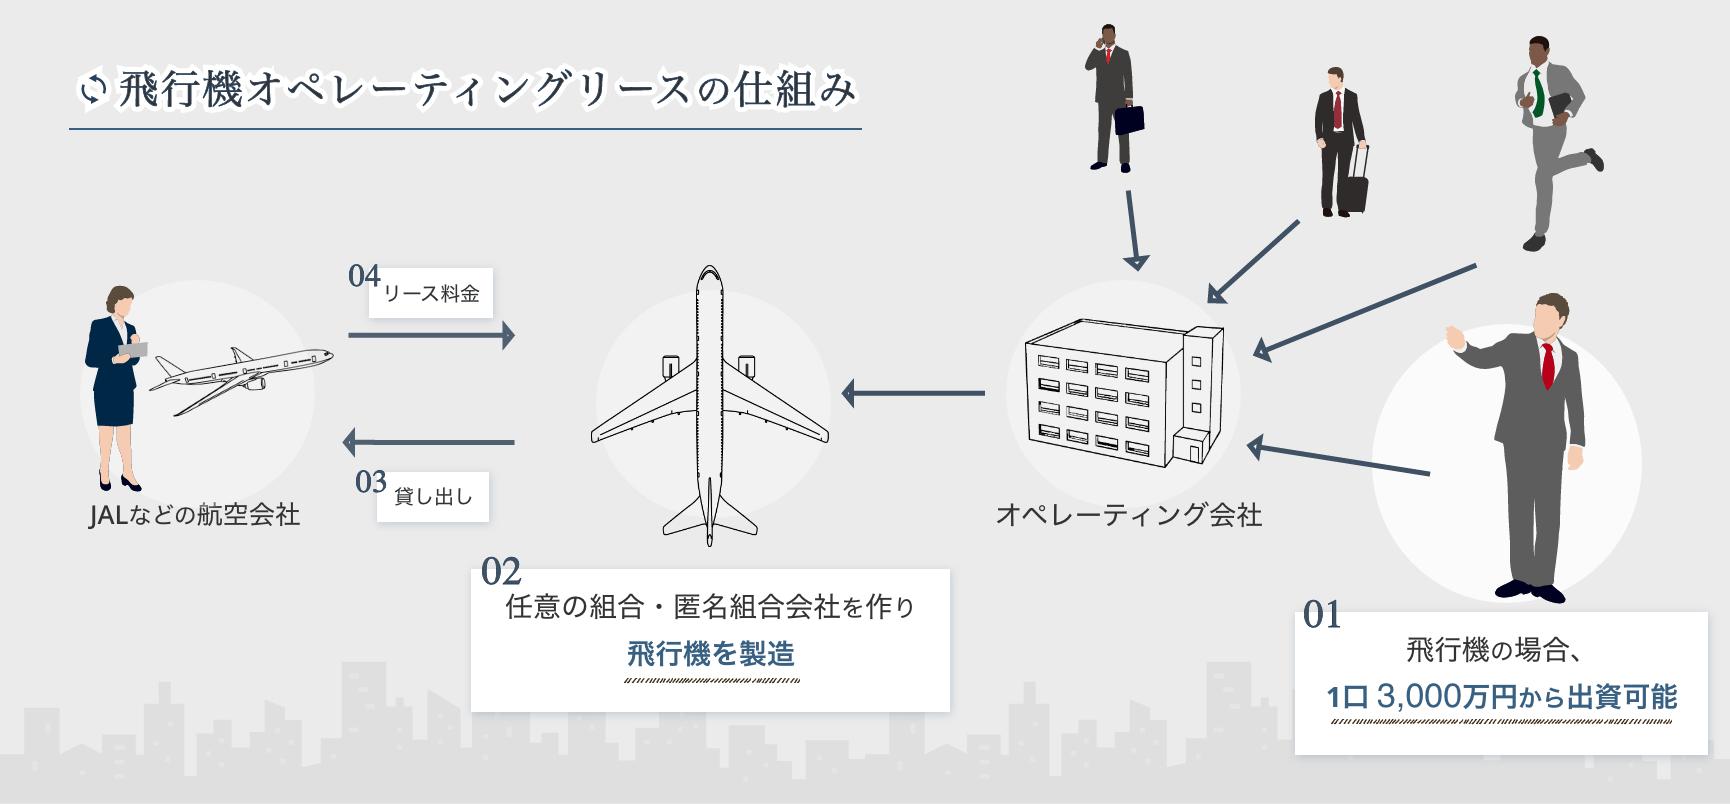 飛行機オペレーティングシステムの仕組み